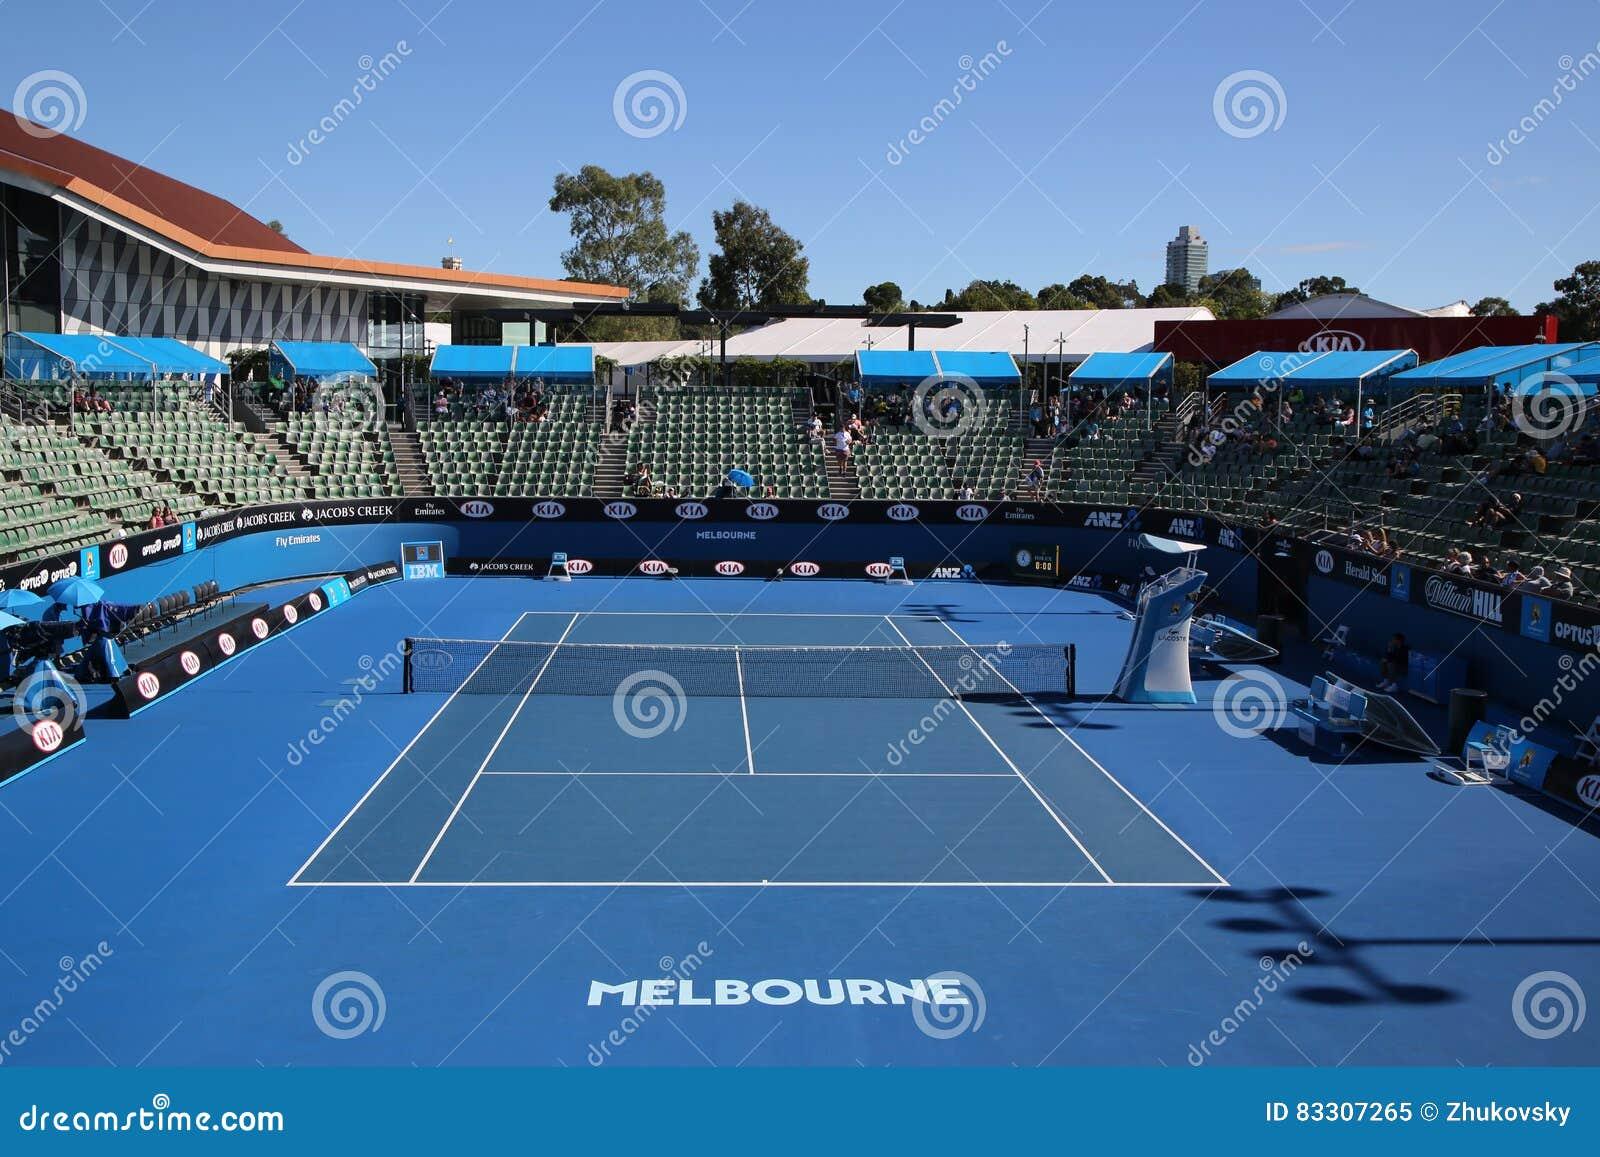 Show Court 2 During Australian Open 2016 At Australian Tennis Center